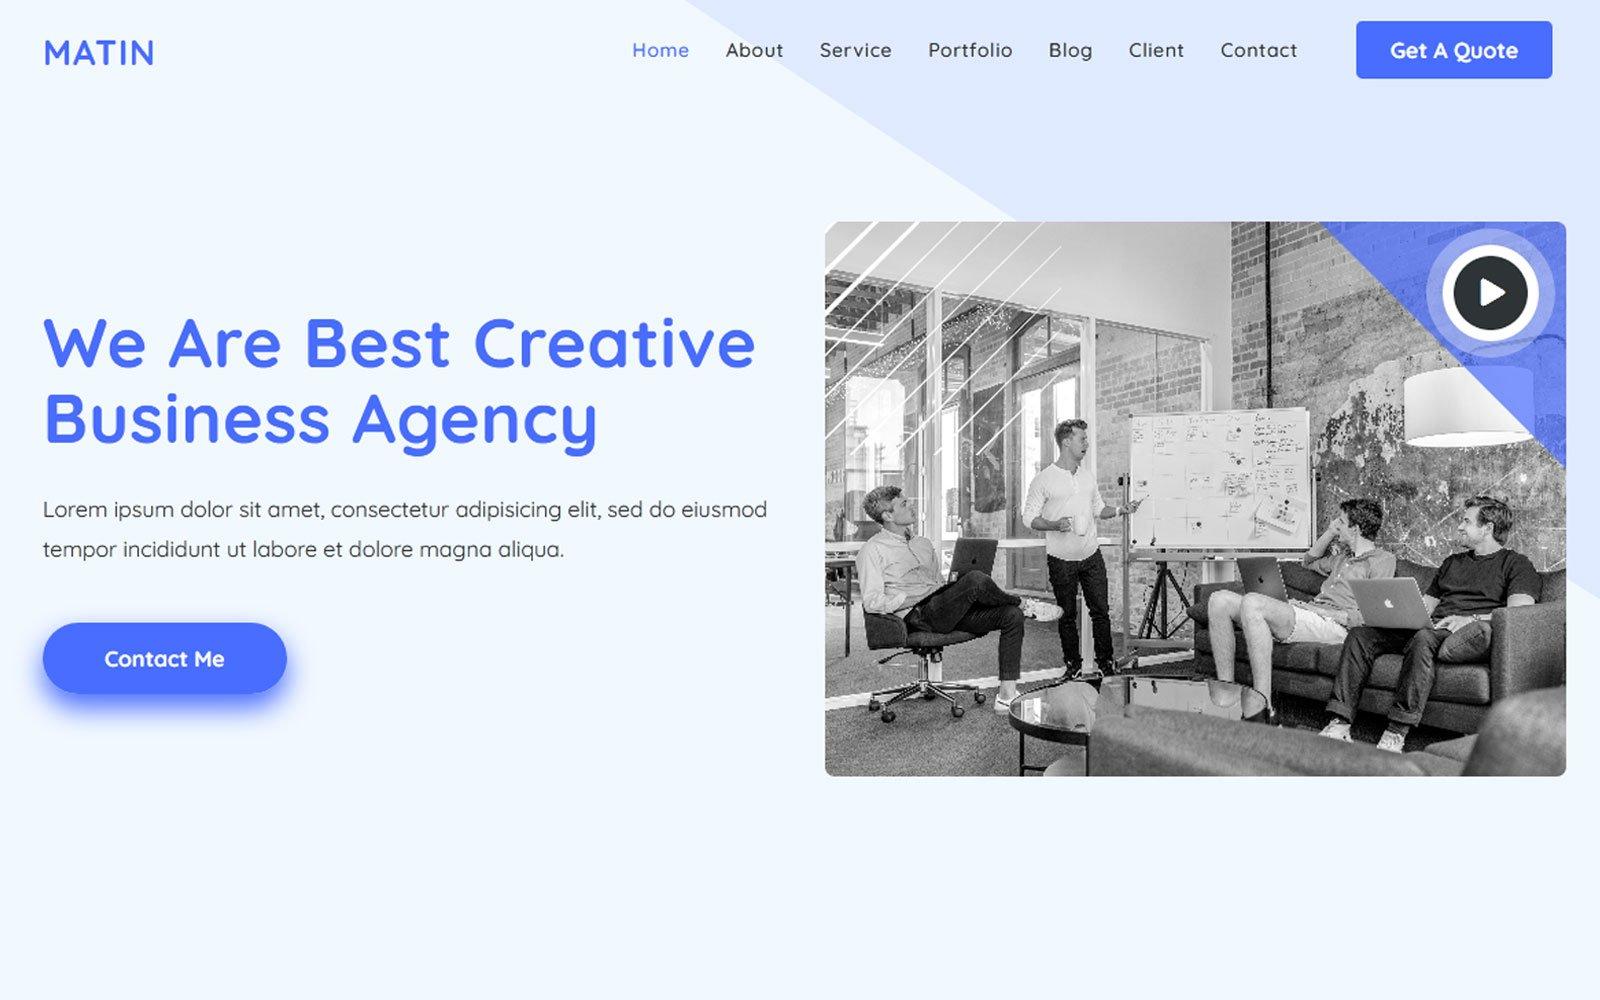 Reszponzív Al-Matin - Digital Agency Html Nyítóoldal sablon 121037